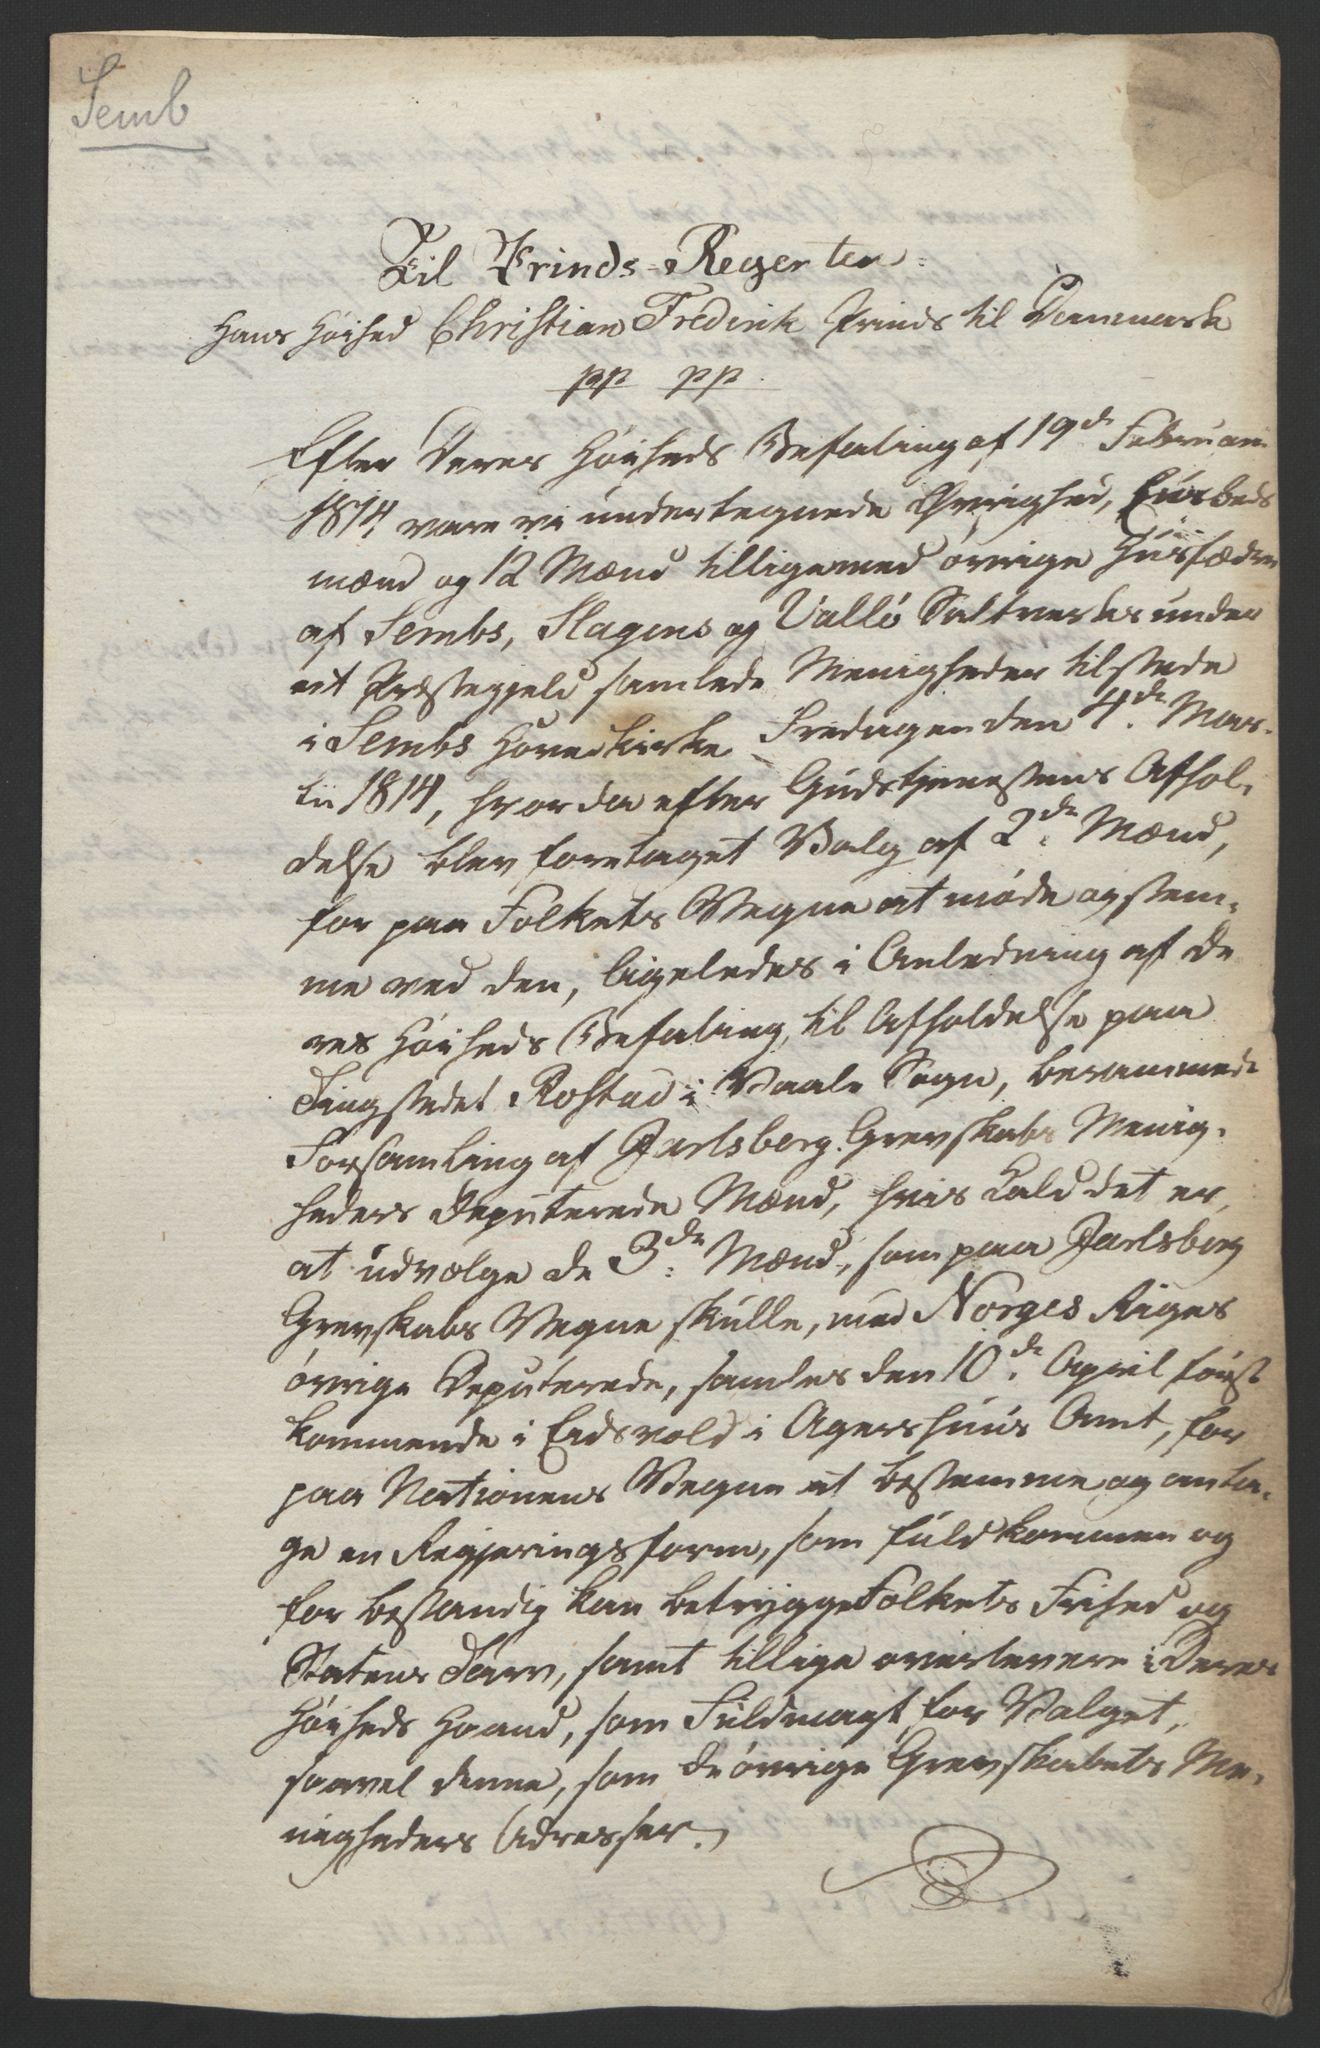 RA, Statsrådssekretariatet, D/Db/L0008: Fullmakter for Eidsvollsrepresentantene i 1814. , 1814, s. 20